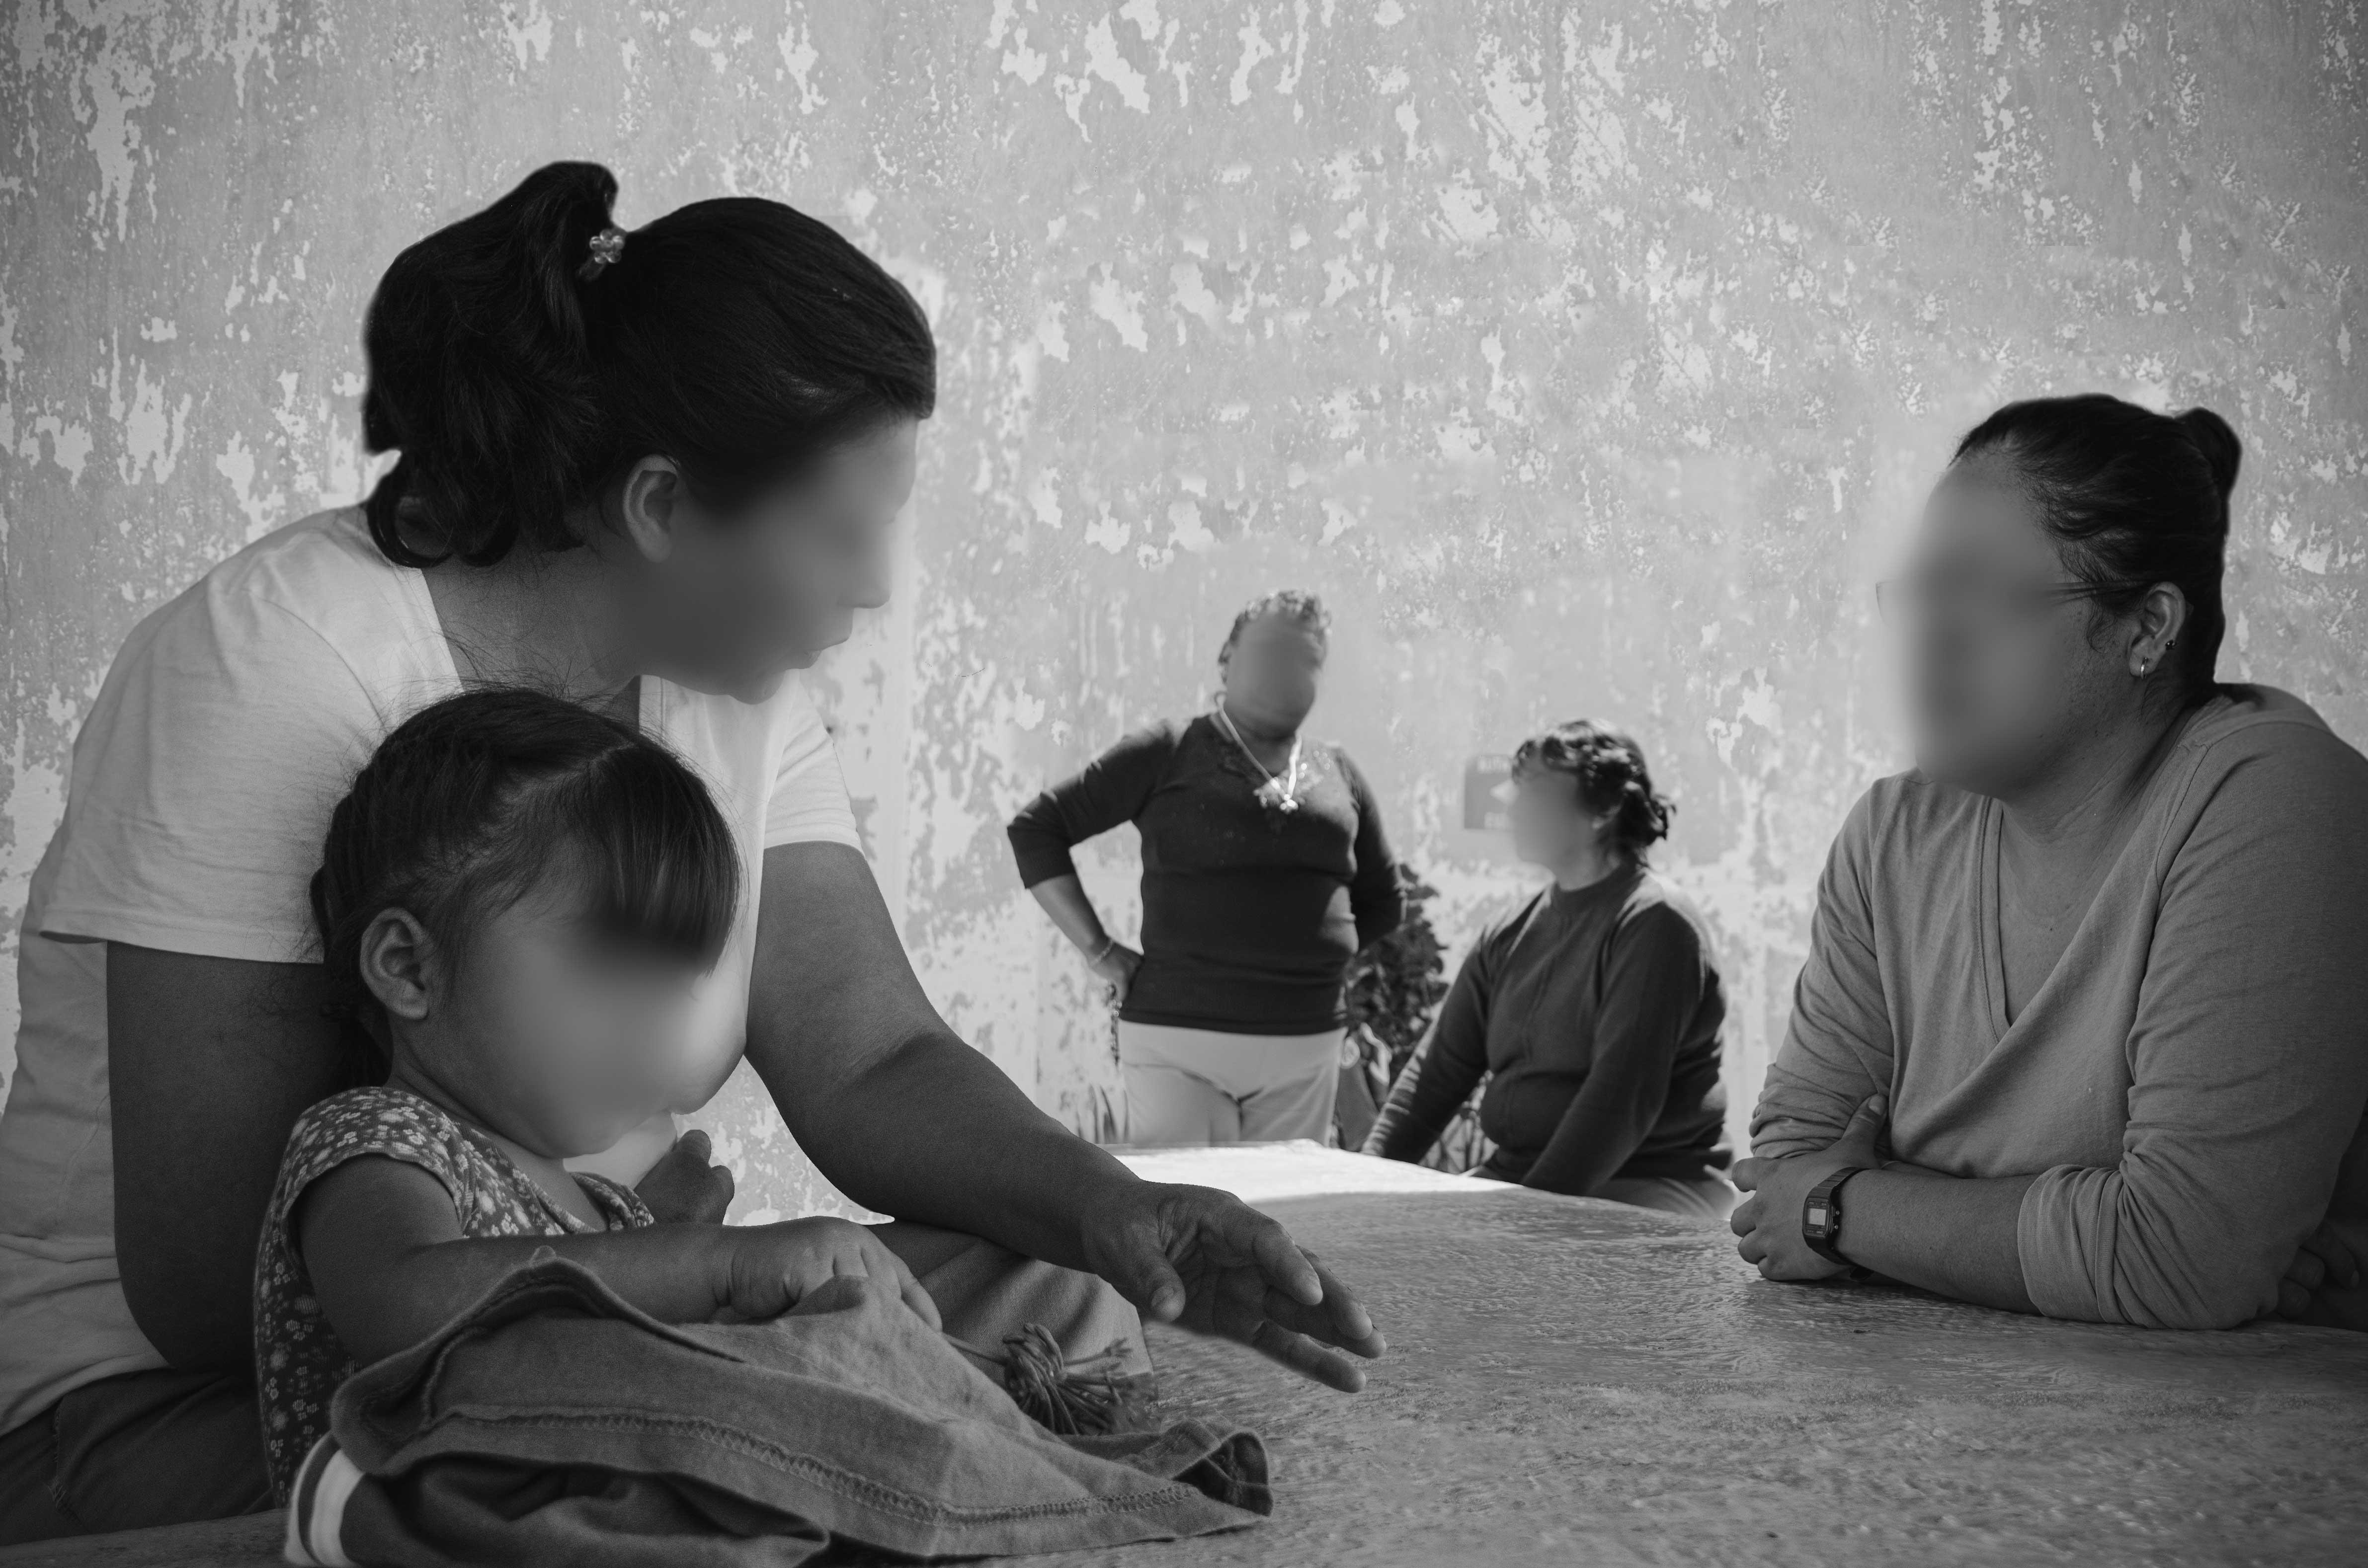 Las madres privadas de libertad deben acceder a su derecho a la salud